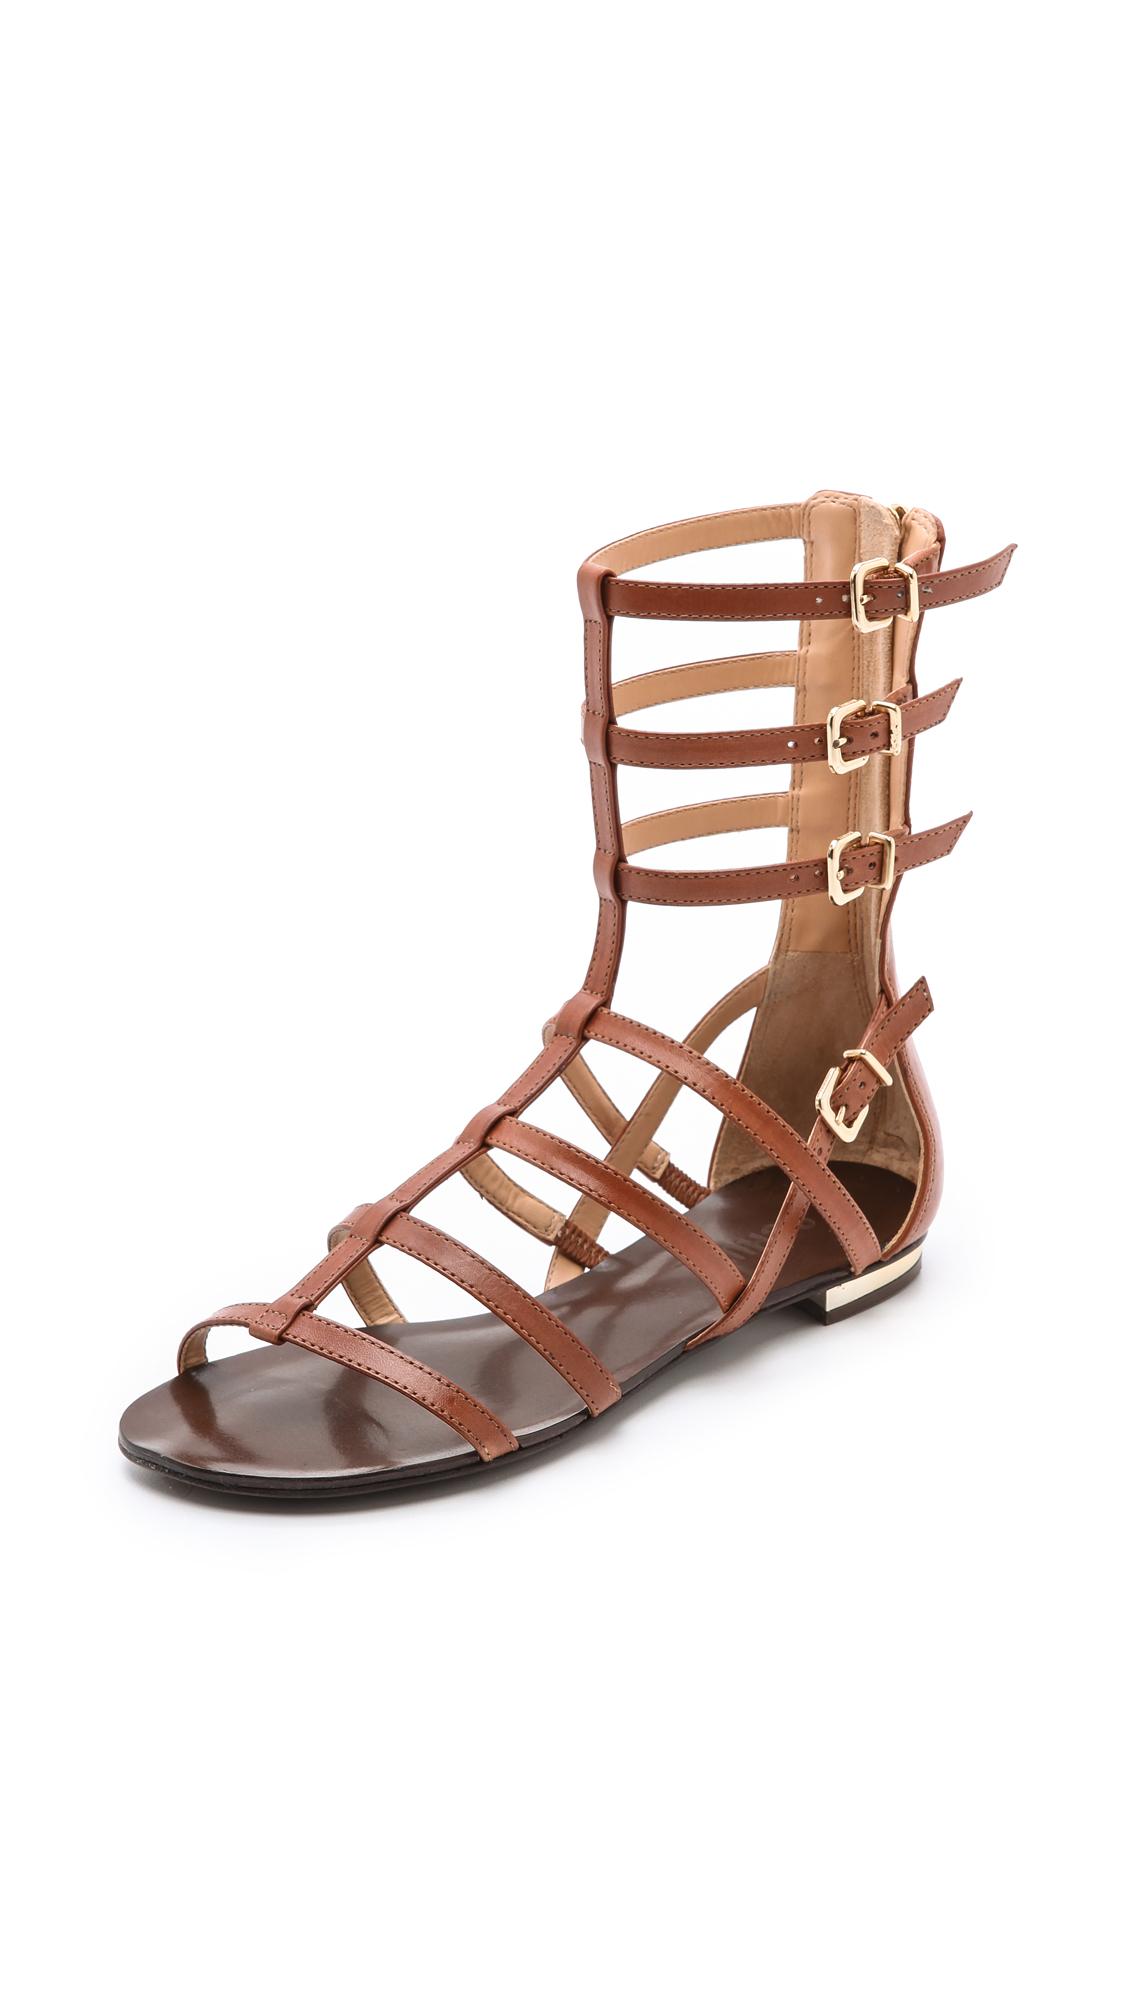 32784f647d6 Lyst - Schutz Fanny Gladiator Sandals in Brown